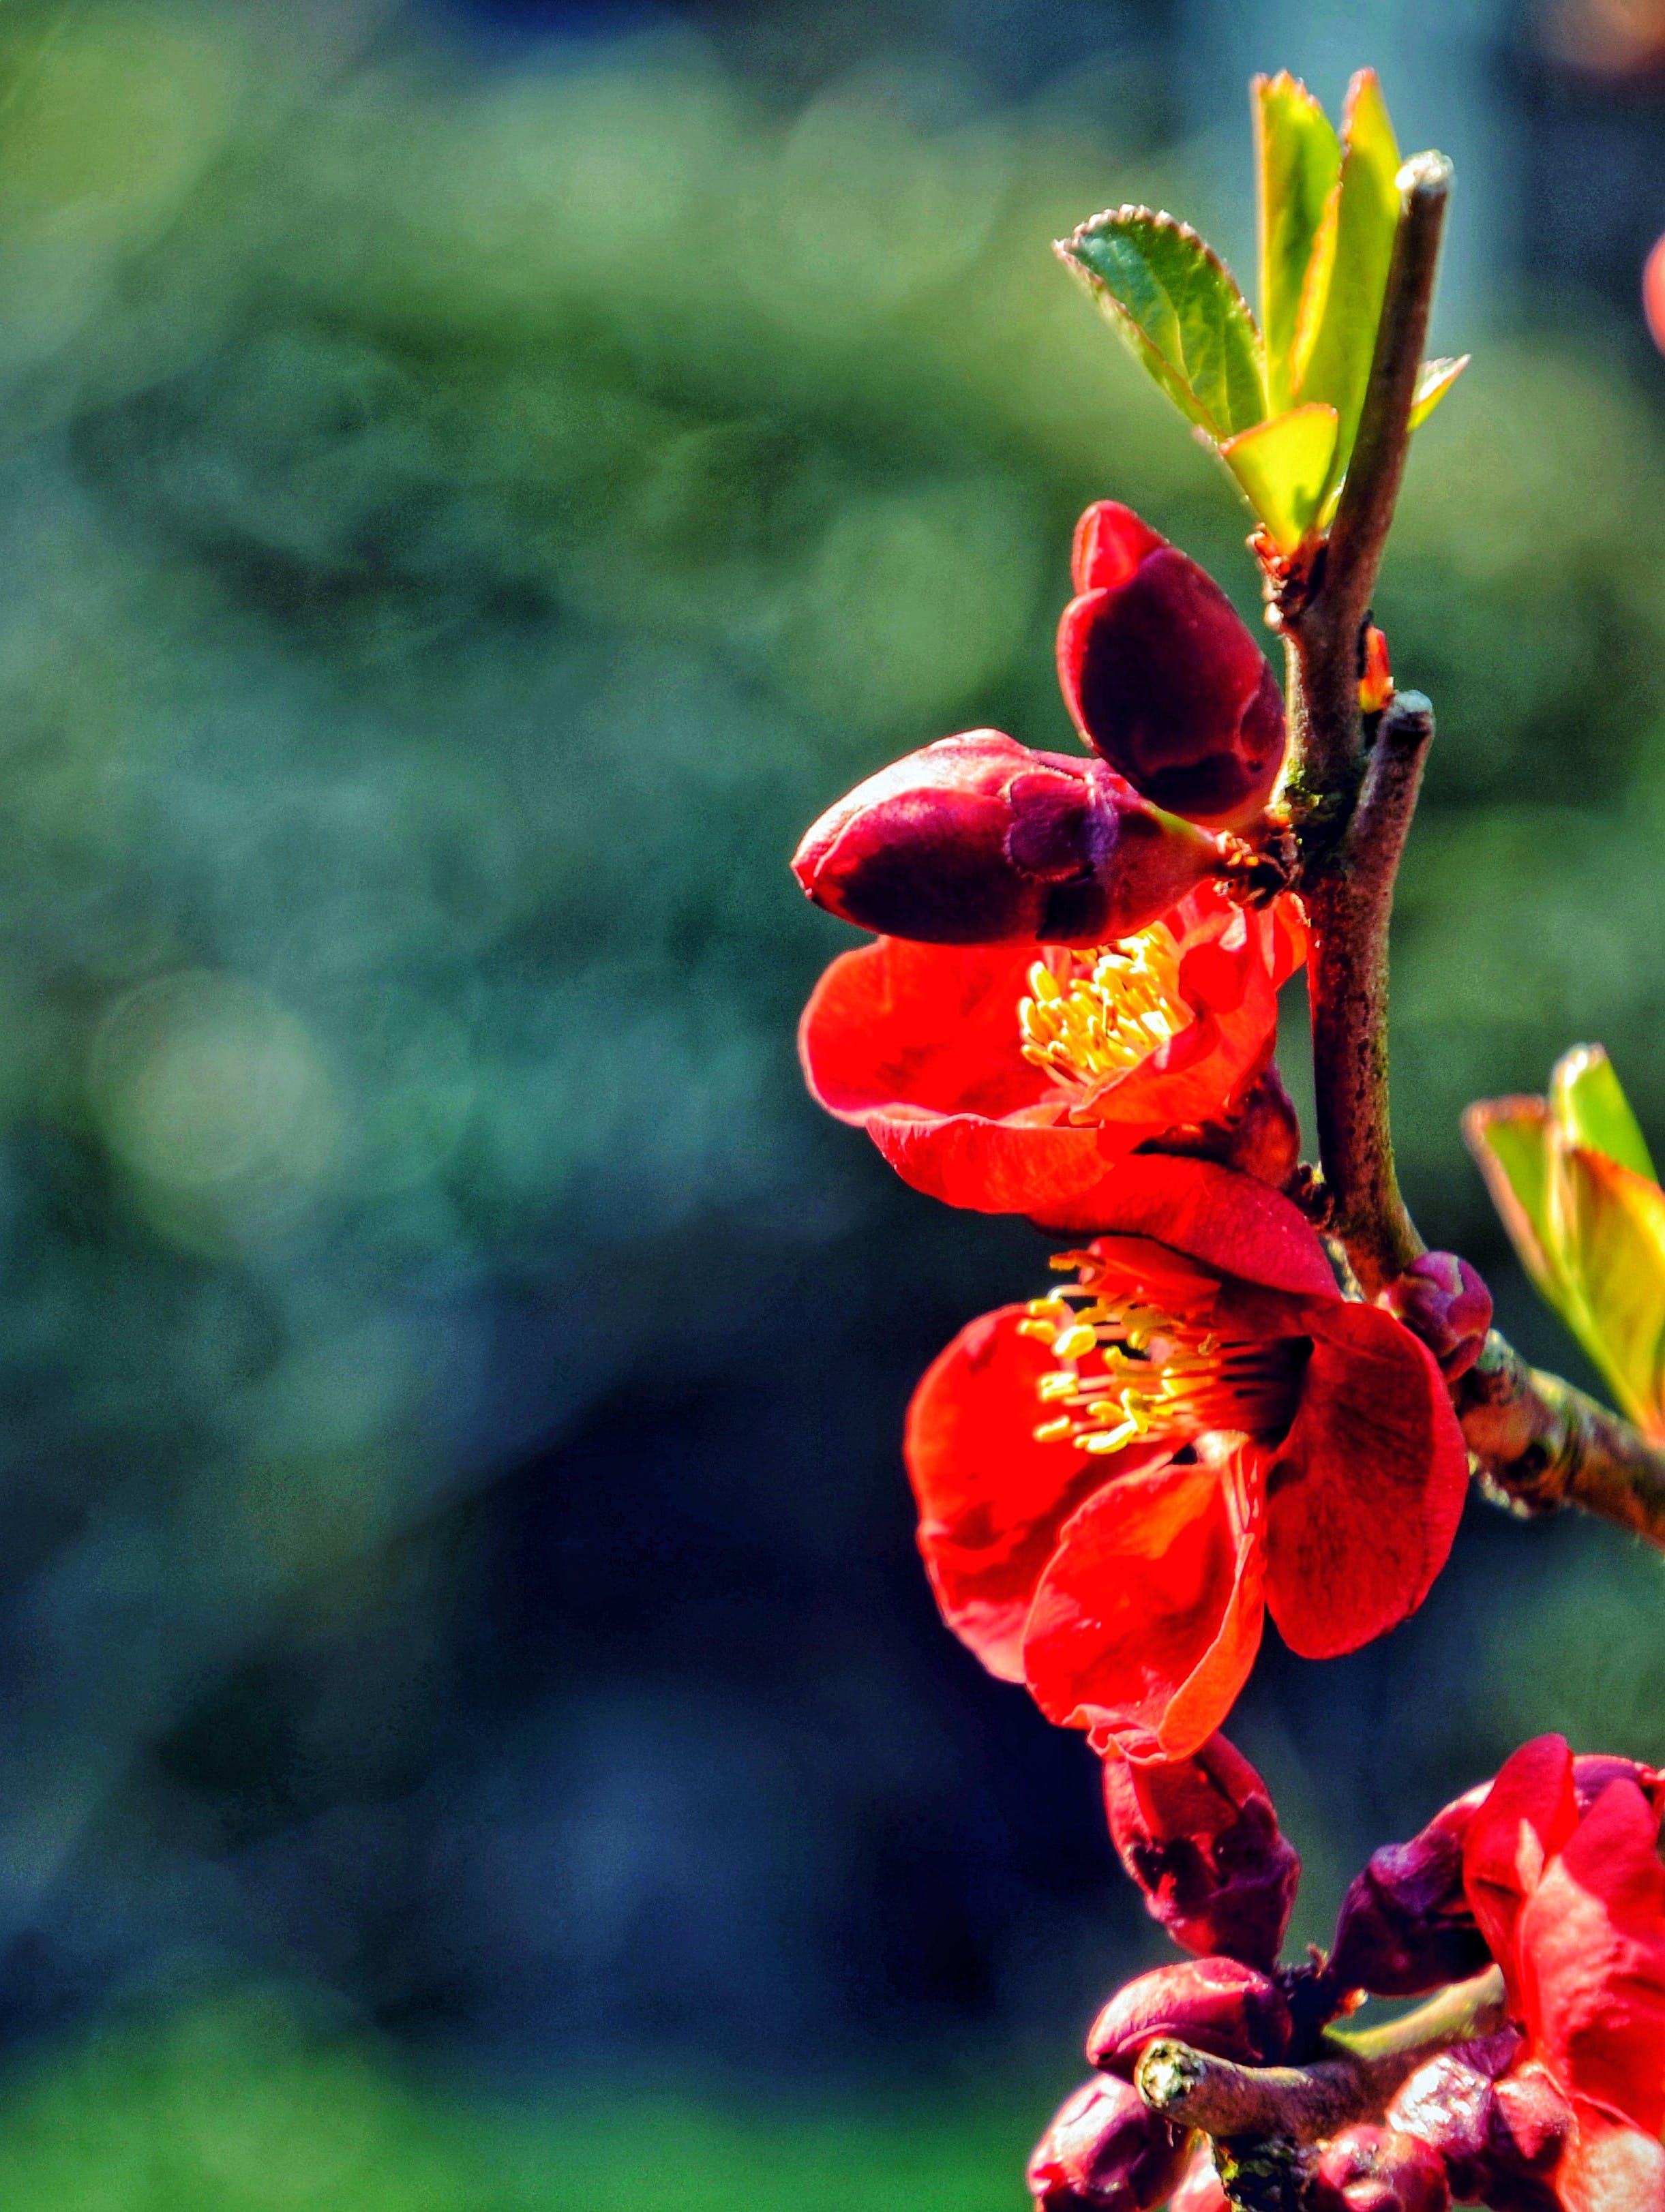 Kostenloses Stock Foto zu blume, hd, herz, kirschblüte